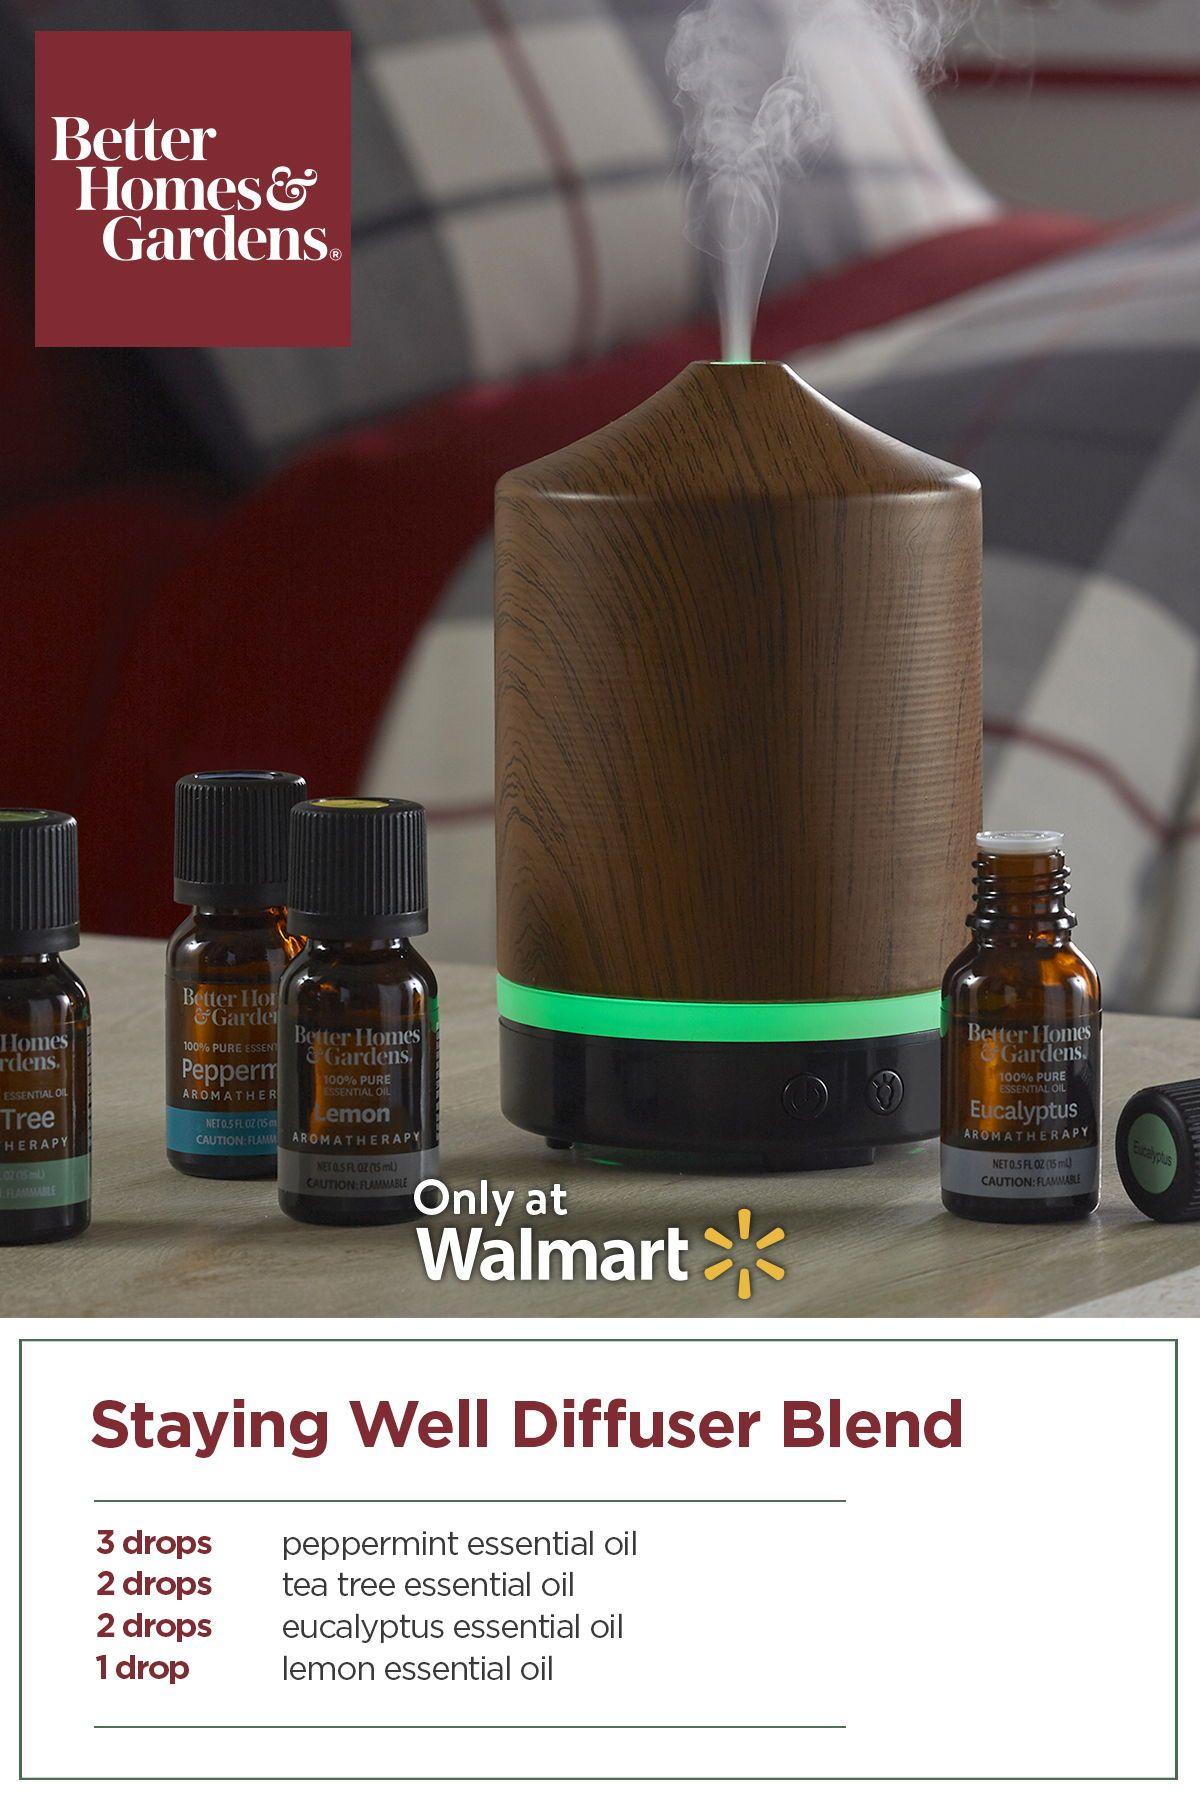 7f2054fb4b2e8ffda2857c783b4ece1e - Better Homes And Gardens Aromatherapy Oils